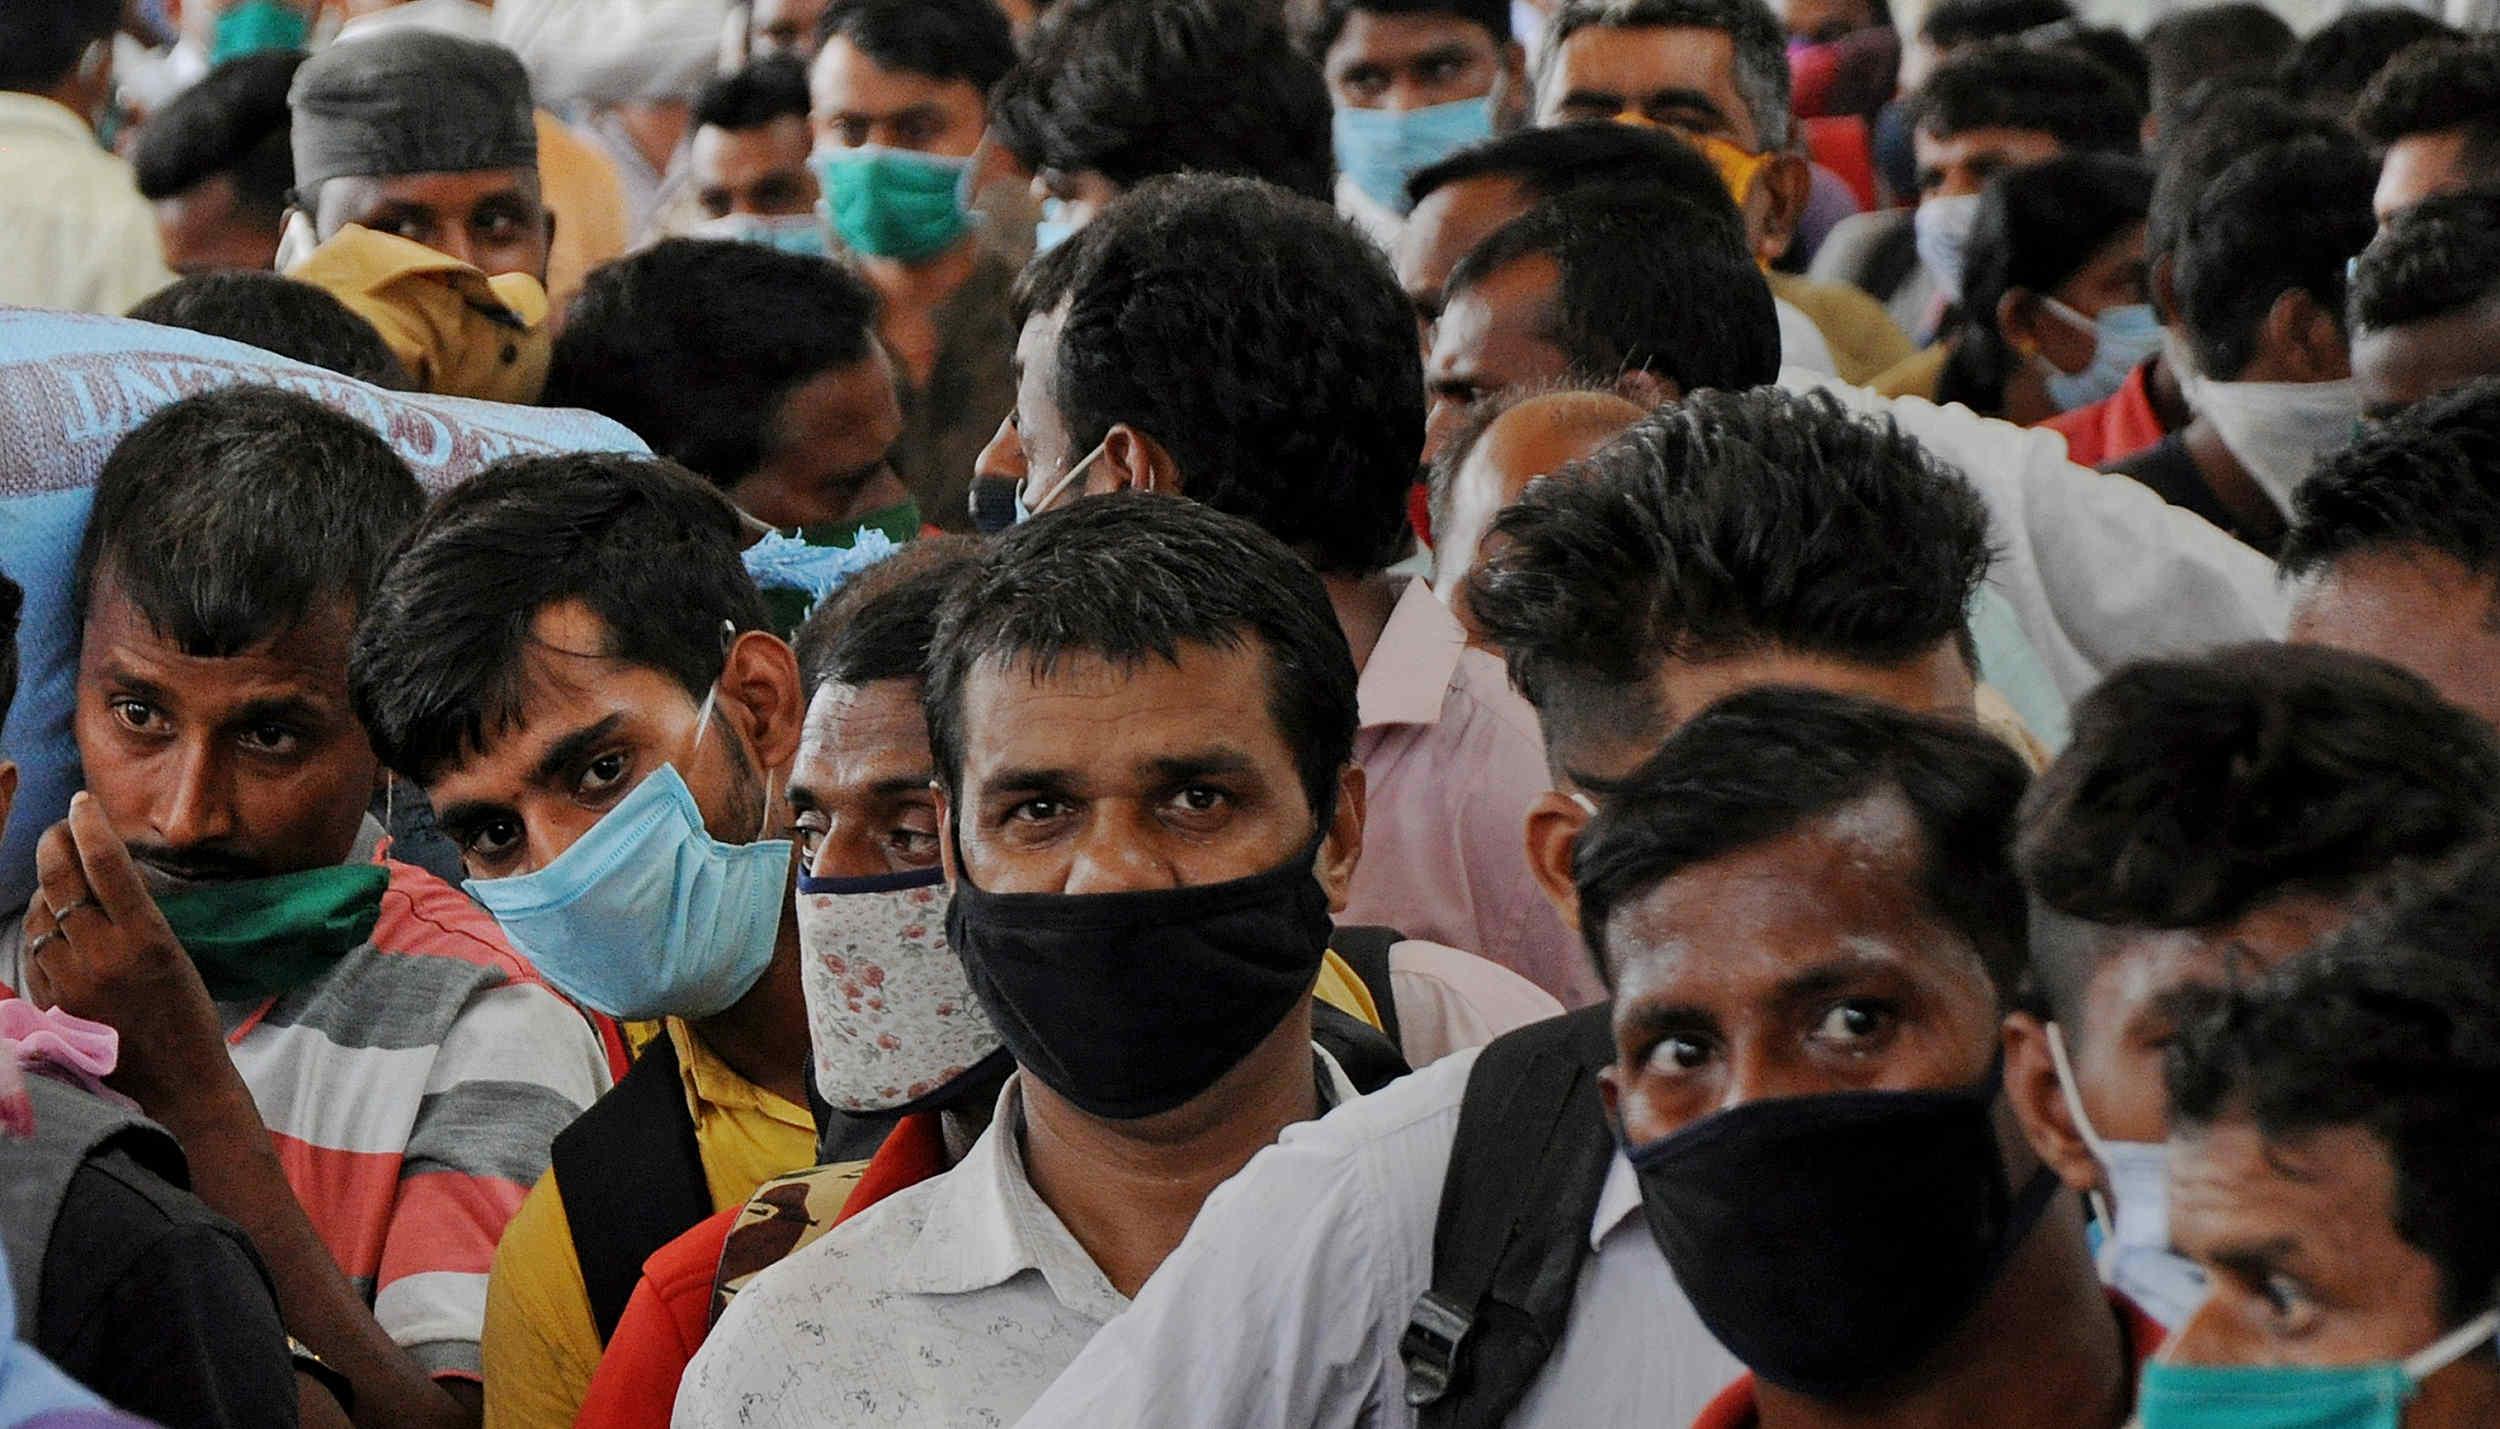 世卫称全球10%人口或已感染,特朗普出院回白宫|国际疫情观察(10月6日)插图2